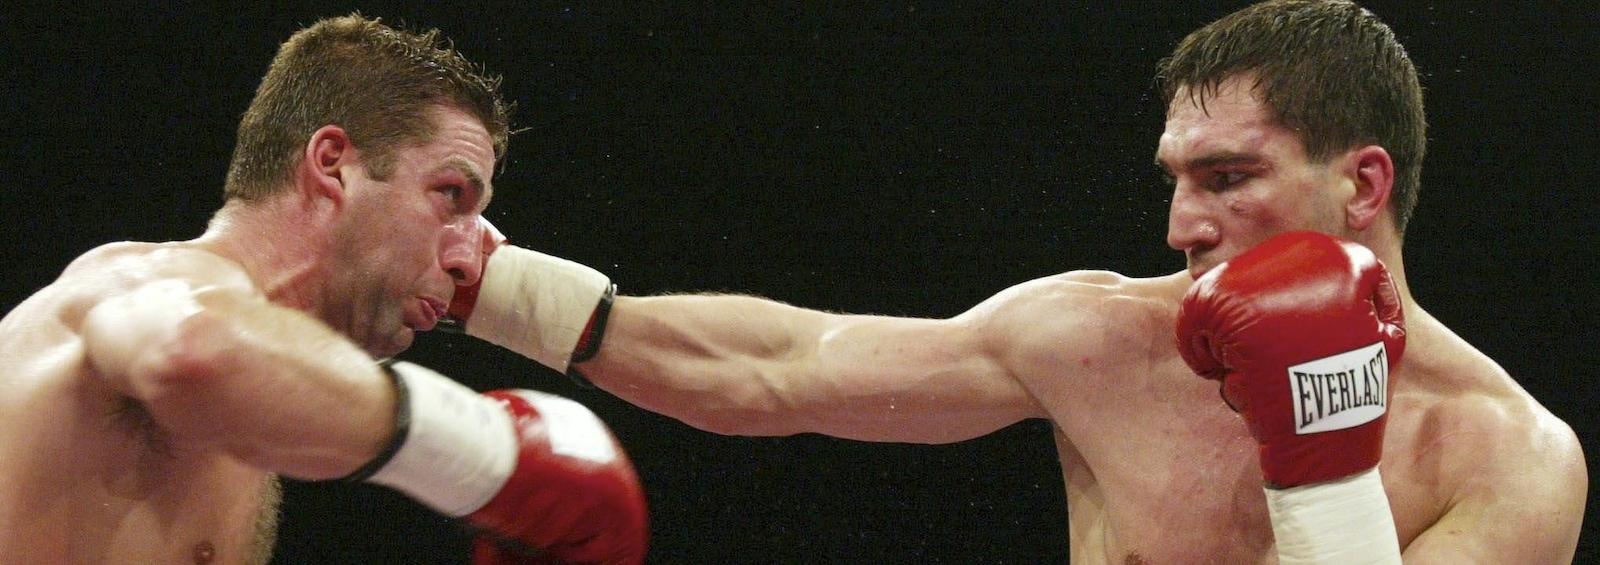 Éric Lucas (à gauche) lance un direct à Markus Beyer lors de leur combat de championnat du monde le 5 avril 2003, à Leipzig, en Allemagne.